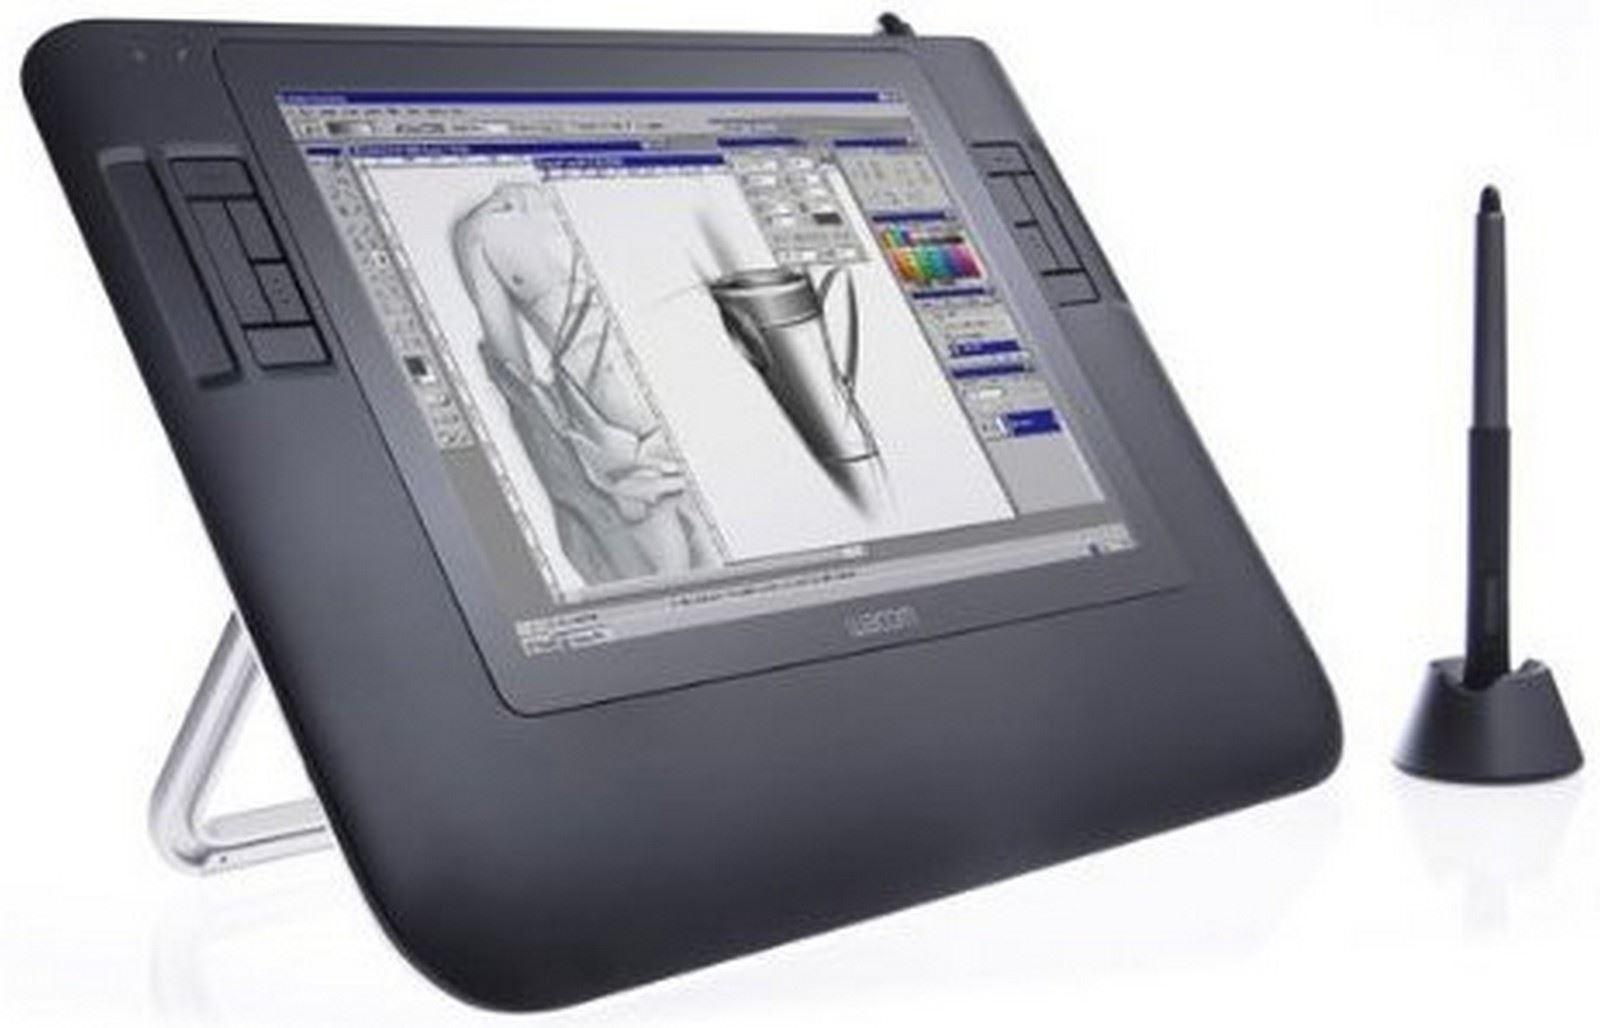 BNIB WACOM Cintiq 12WX DTZ-1200W/G Interactive Pen Display Graphics Tablet  | eBay